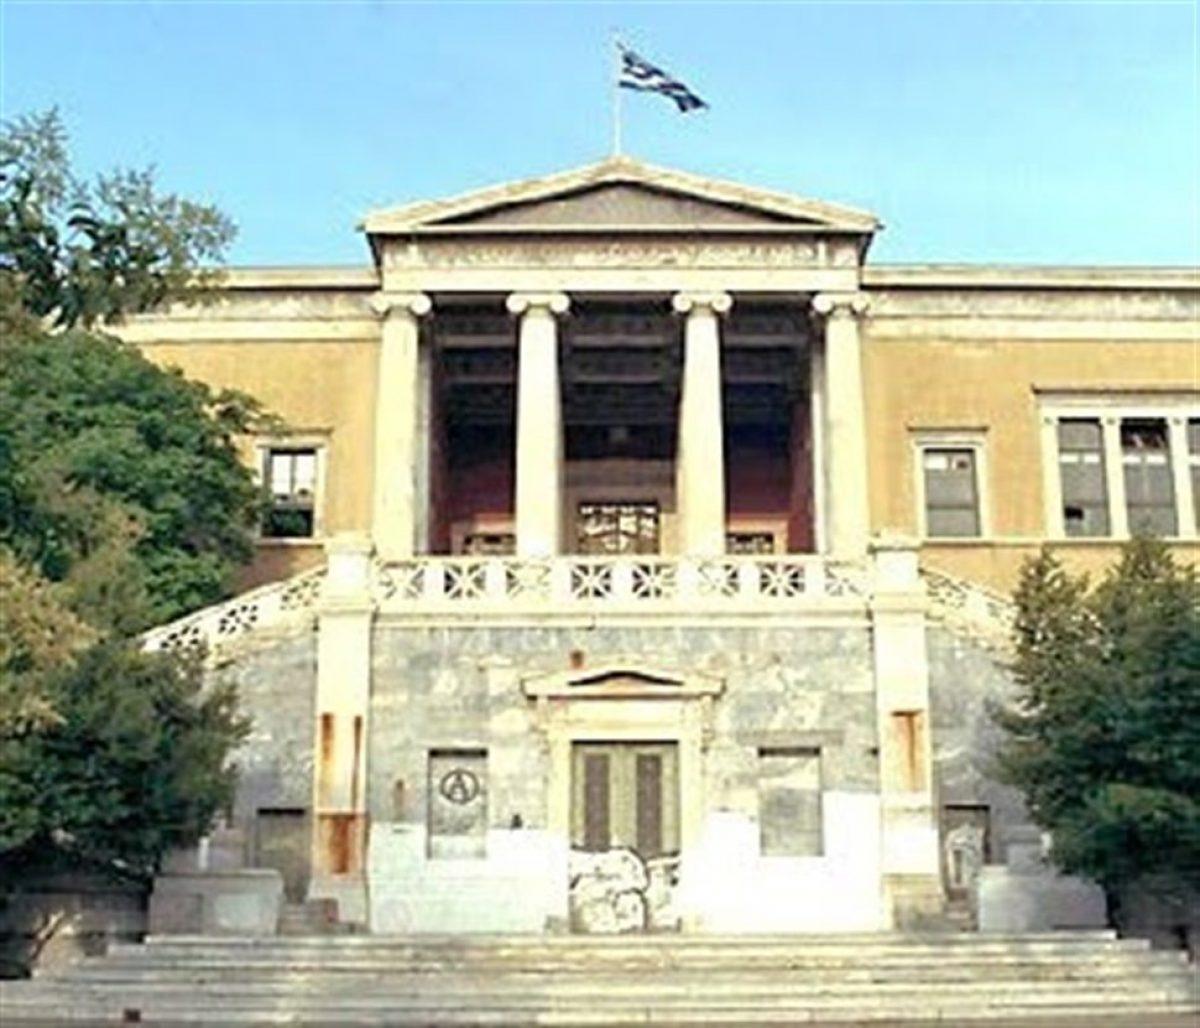 """Επιστημονικό Συνέδριο με θέμα """"Επιστημονική Υποστήριξη στη λήψη αποφάσεων για αειφόρα και συμβατά υλικά και επεμβάσεις συντήρησης και προστασίας της Πολιτιστικής Κληρονομιάς"""", 28 & 29.9.15"""